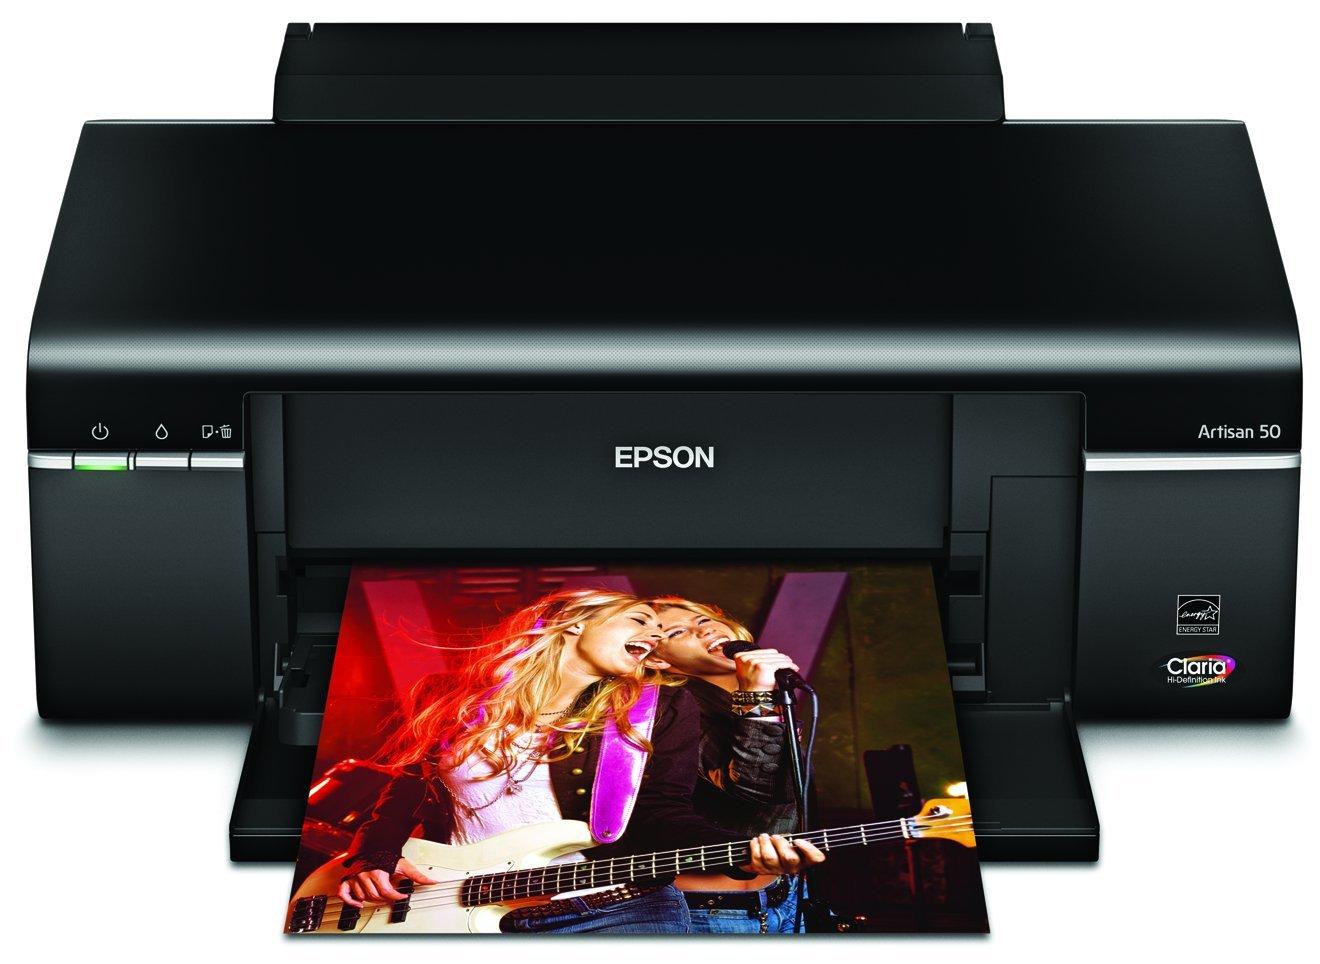 Color printing inkjet vs laser - Amazon Com Epson Artisan 50 Color Inkjet Printer C11ca45201 Electronics